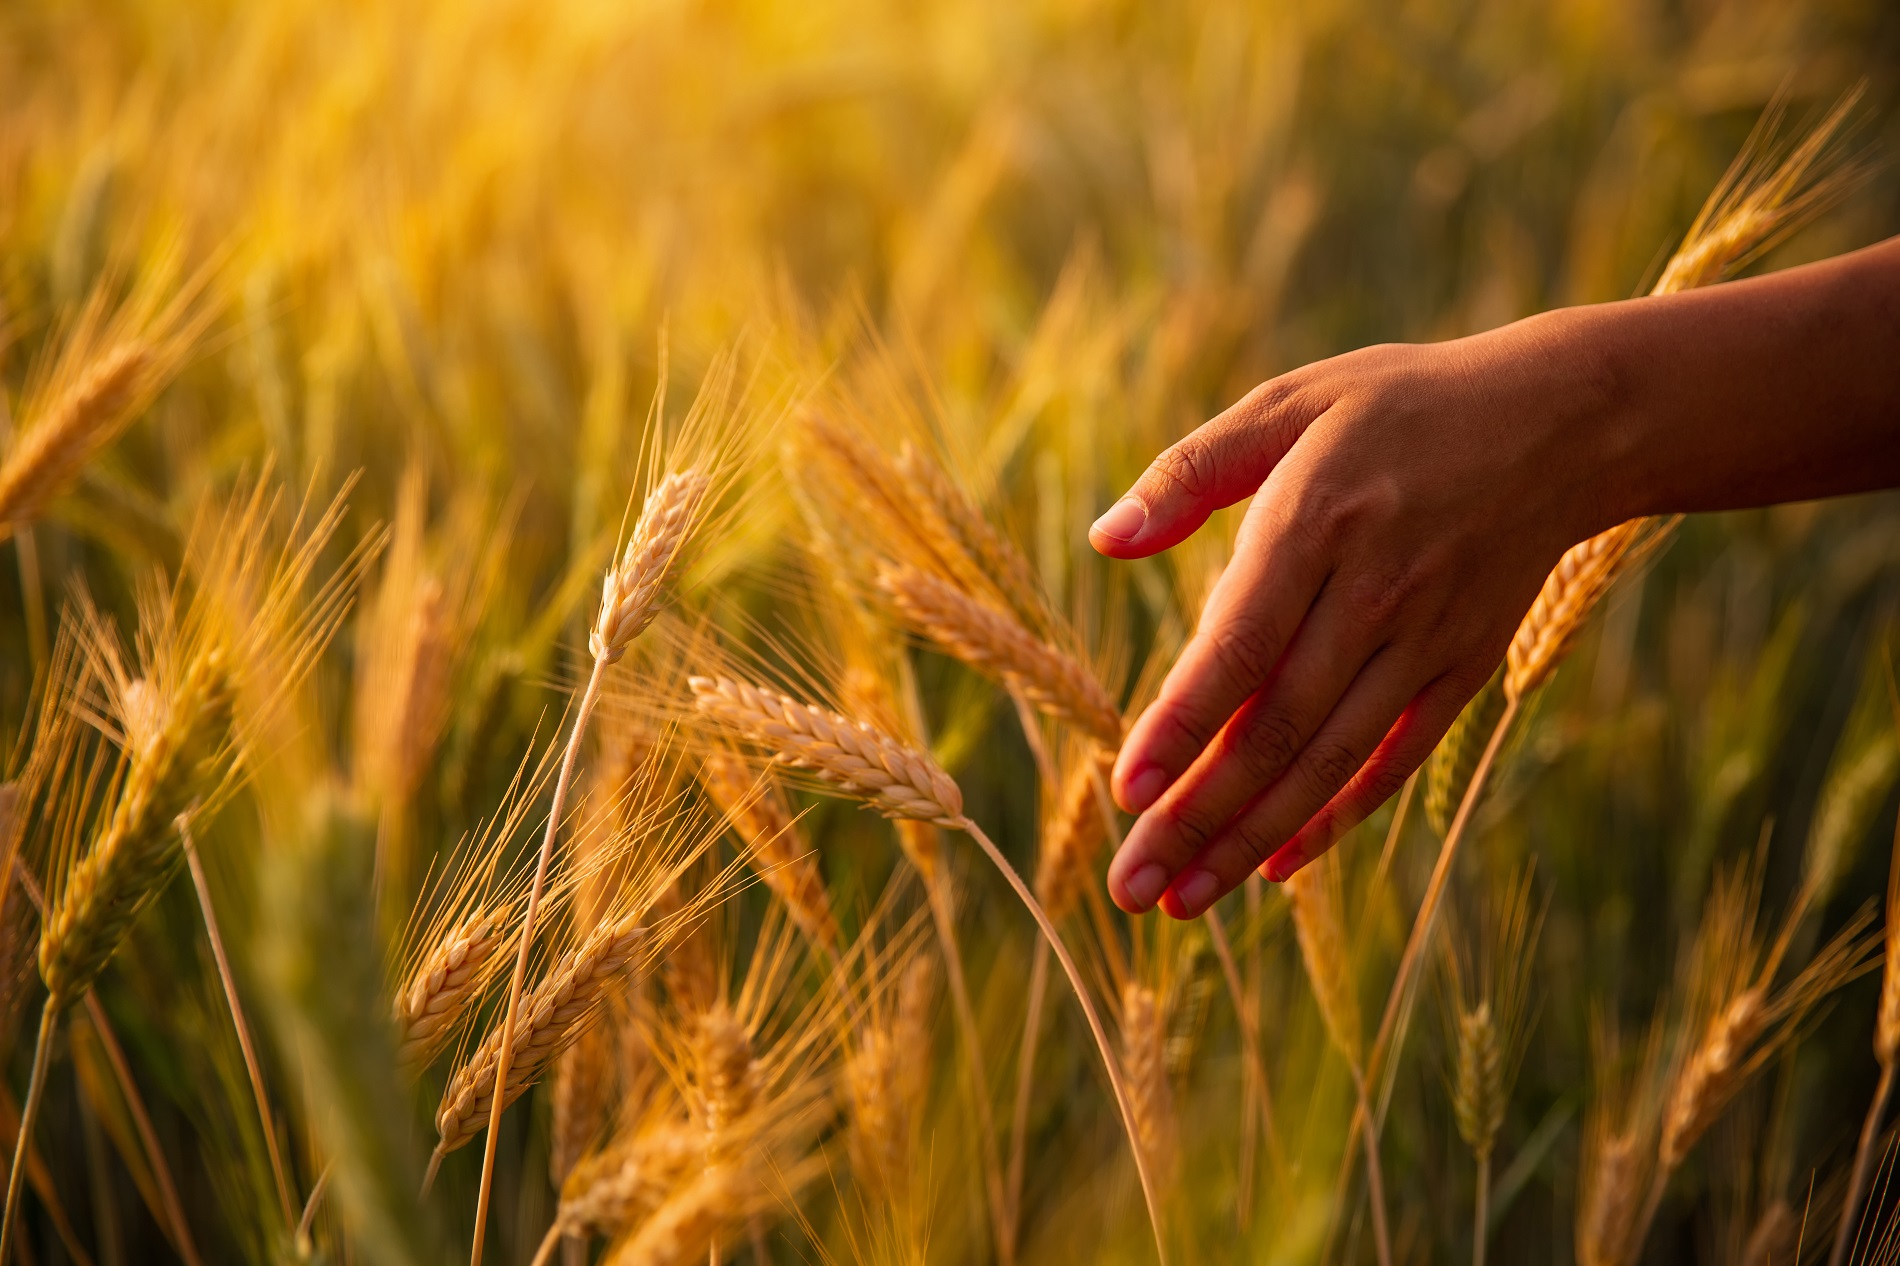 Buenas prácticas agrícolas: Uso responsable de productos fitosanitarios